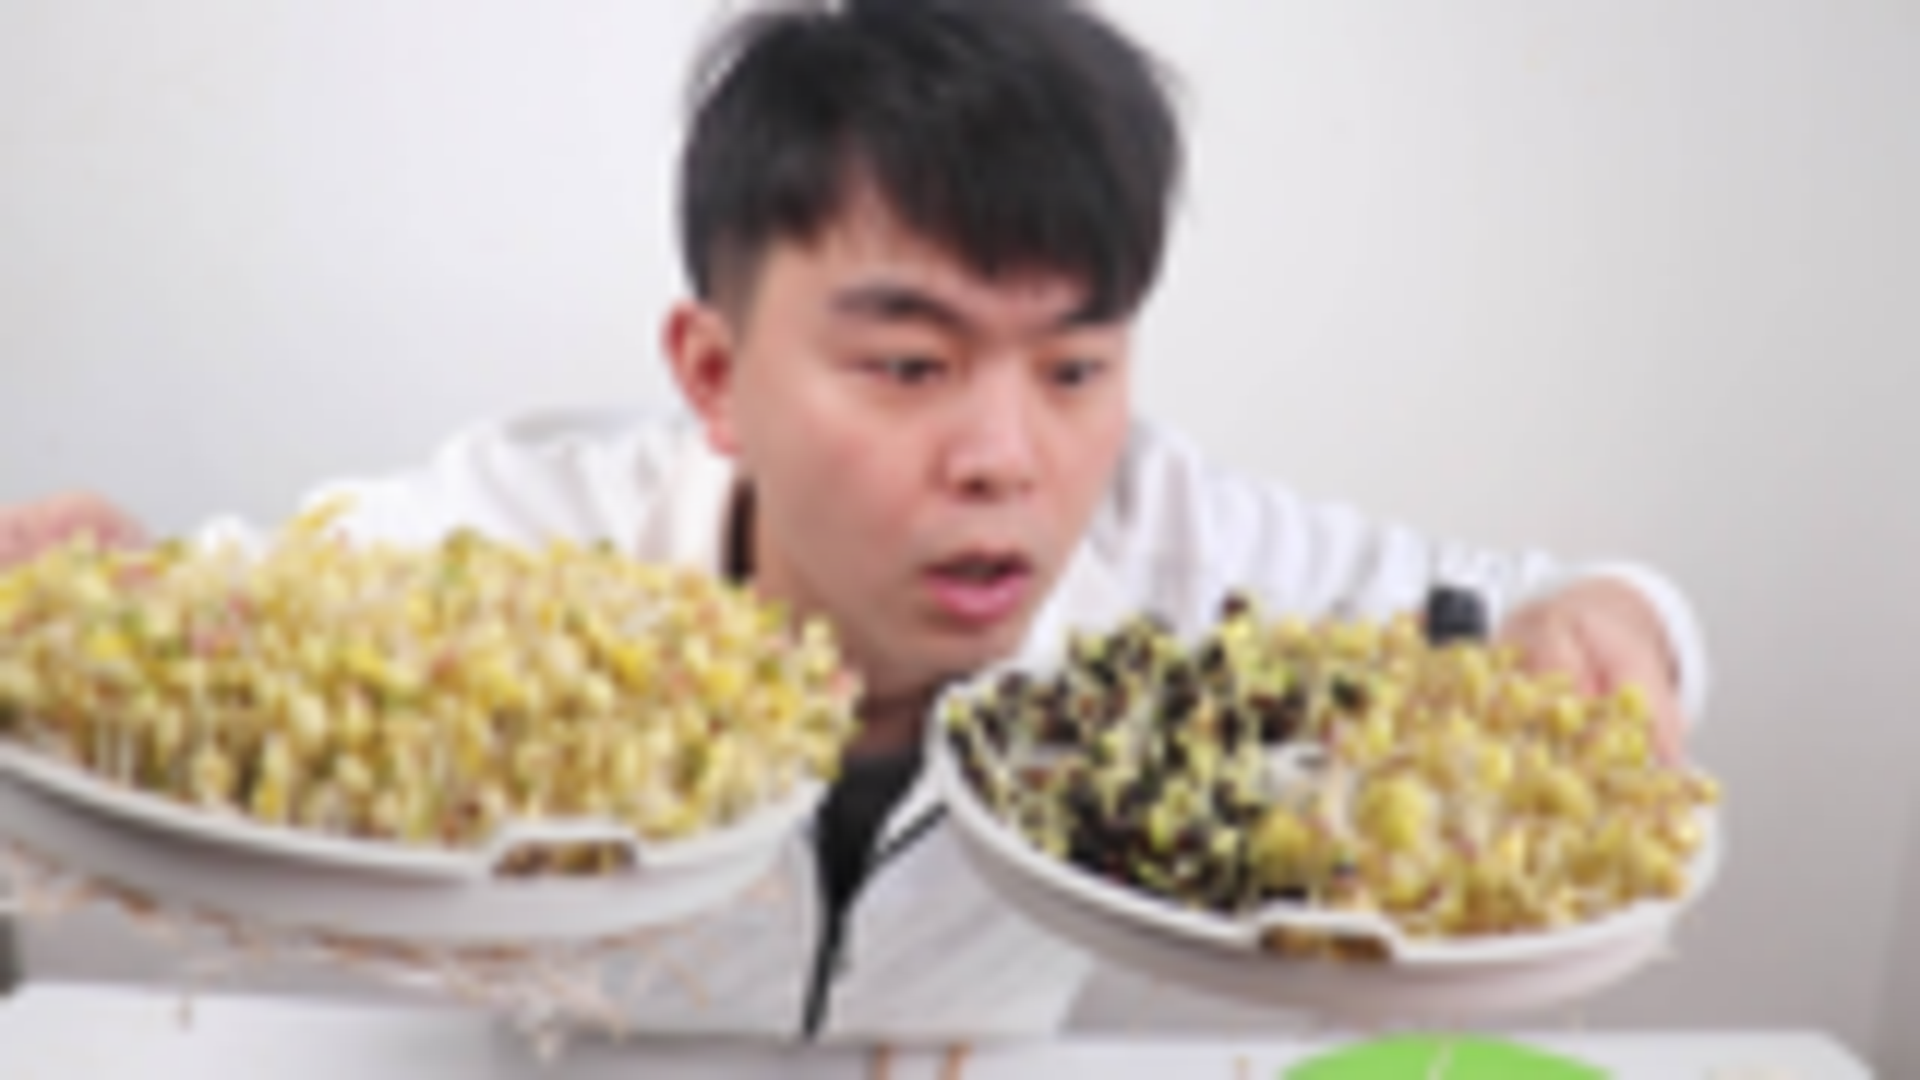 开箱119买的全自动豆芽机,耗时整整6天,终于吃到亲手种的豆芽